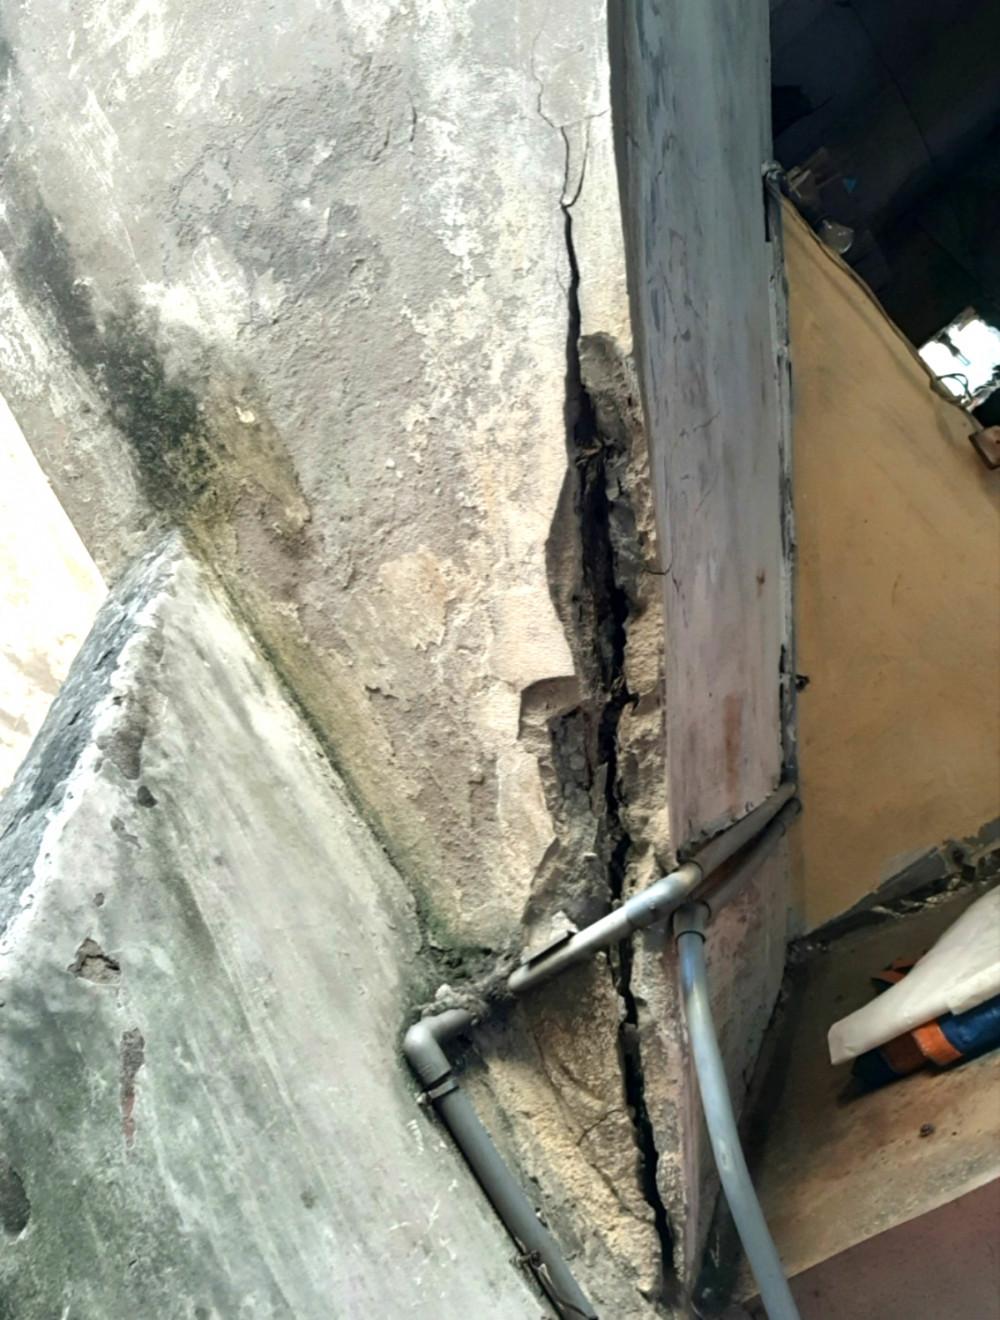 Tường nứt, trần sập, mái thủng… là thực trạng của rất nhiều chung cư cũ ở TP.Hà Nội hiện nay